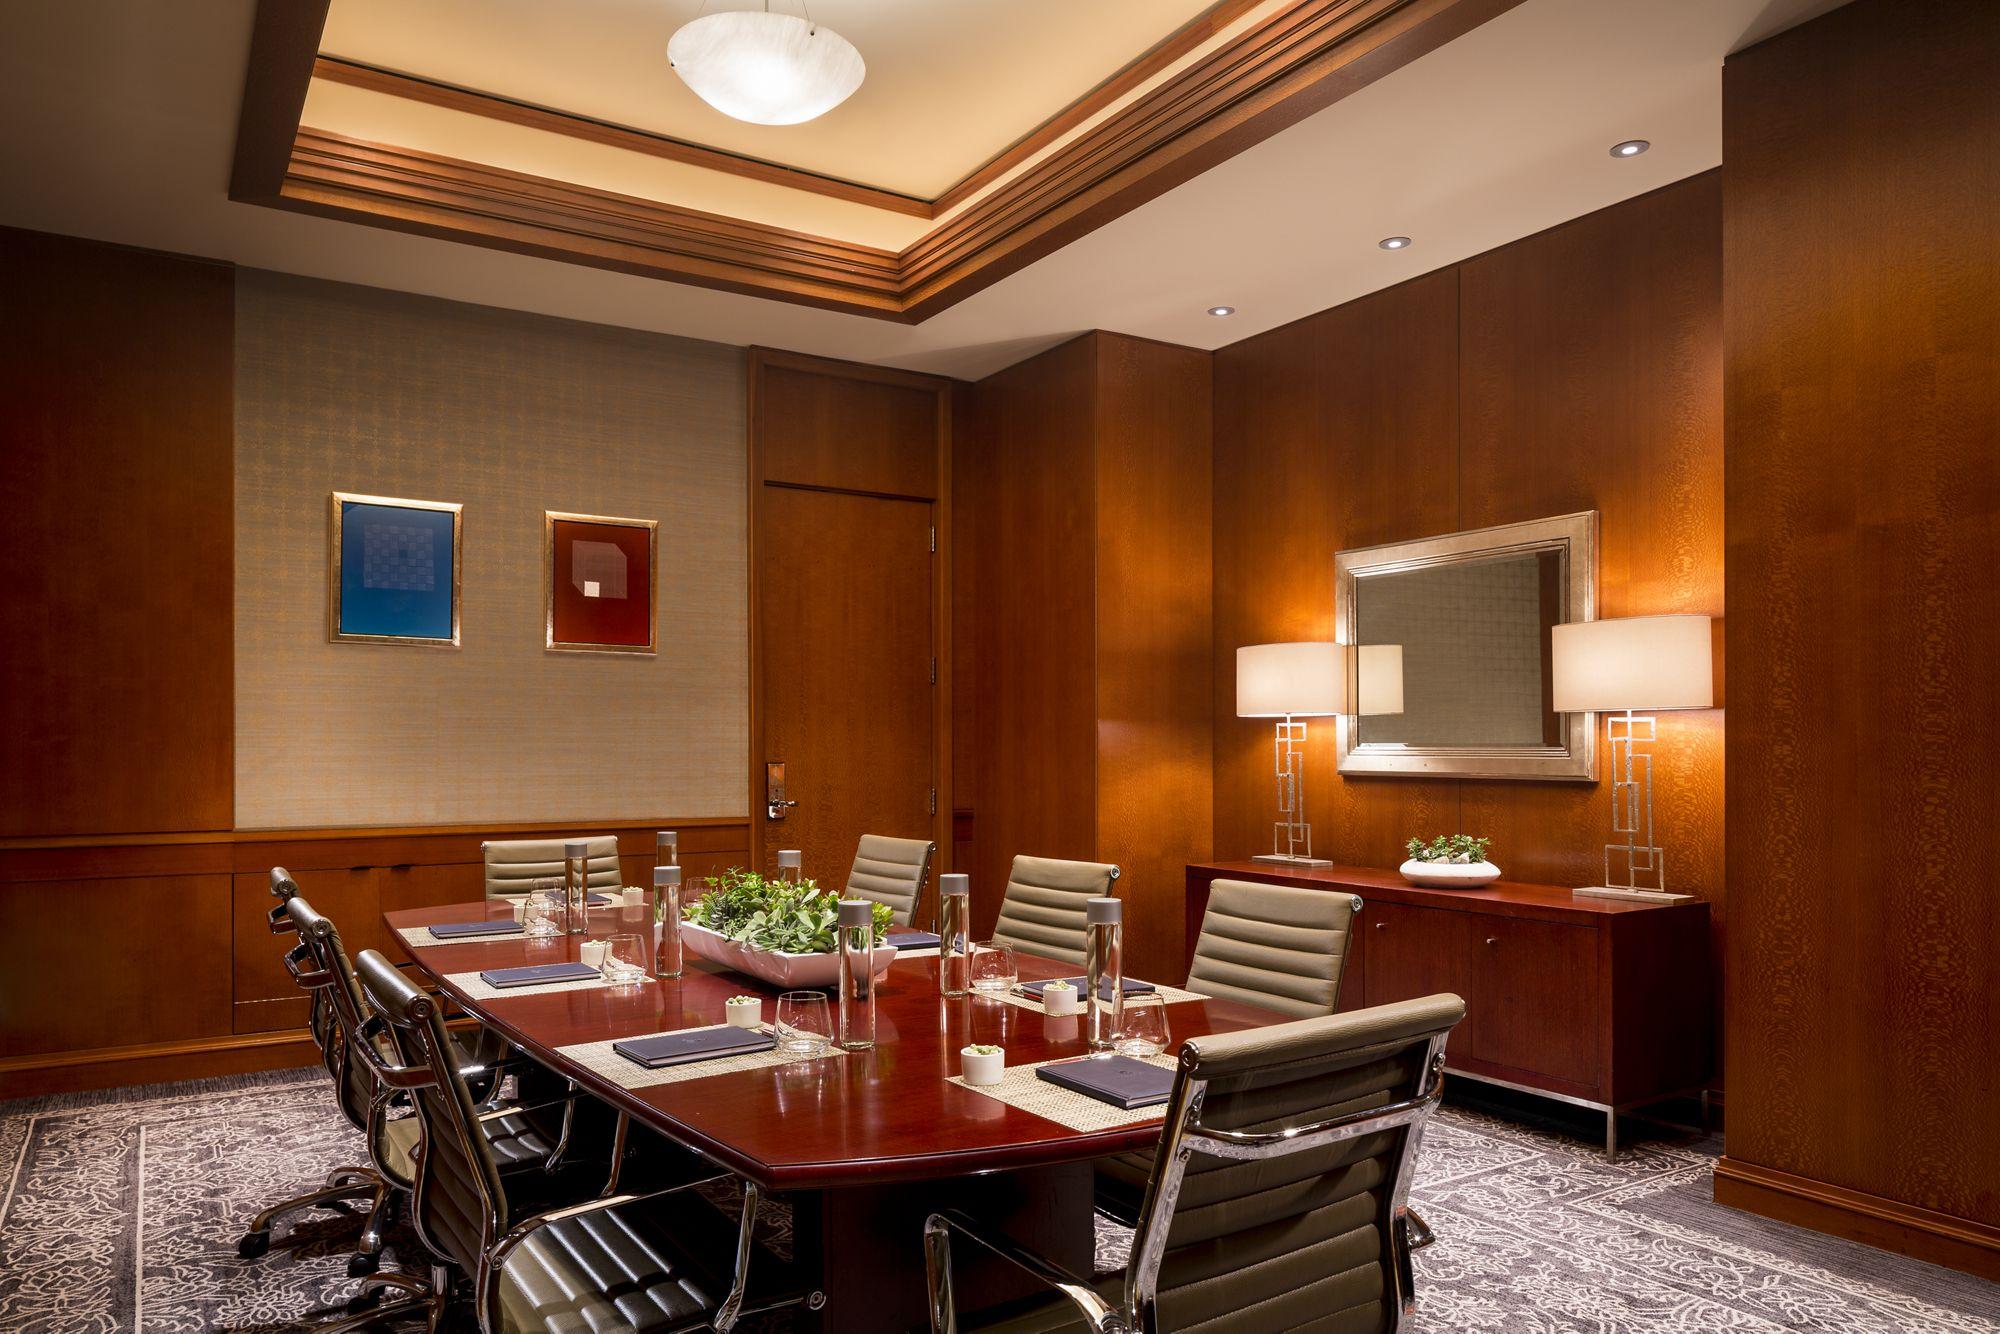 The Ritz-Carlton, Boston image 10